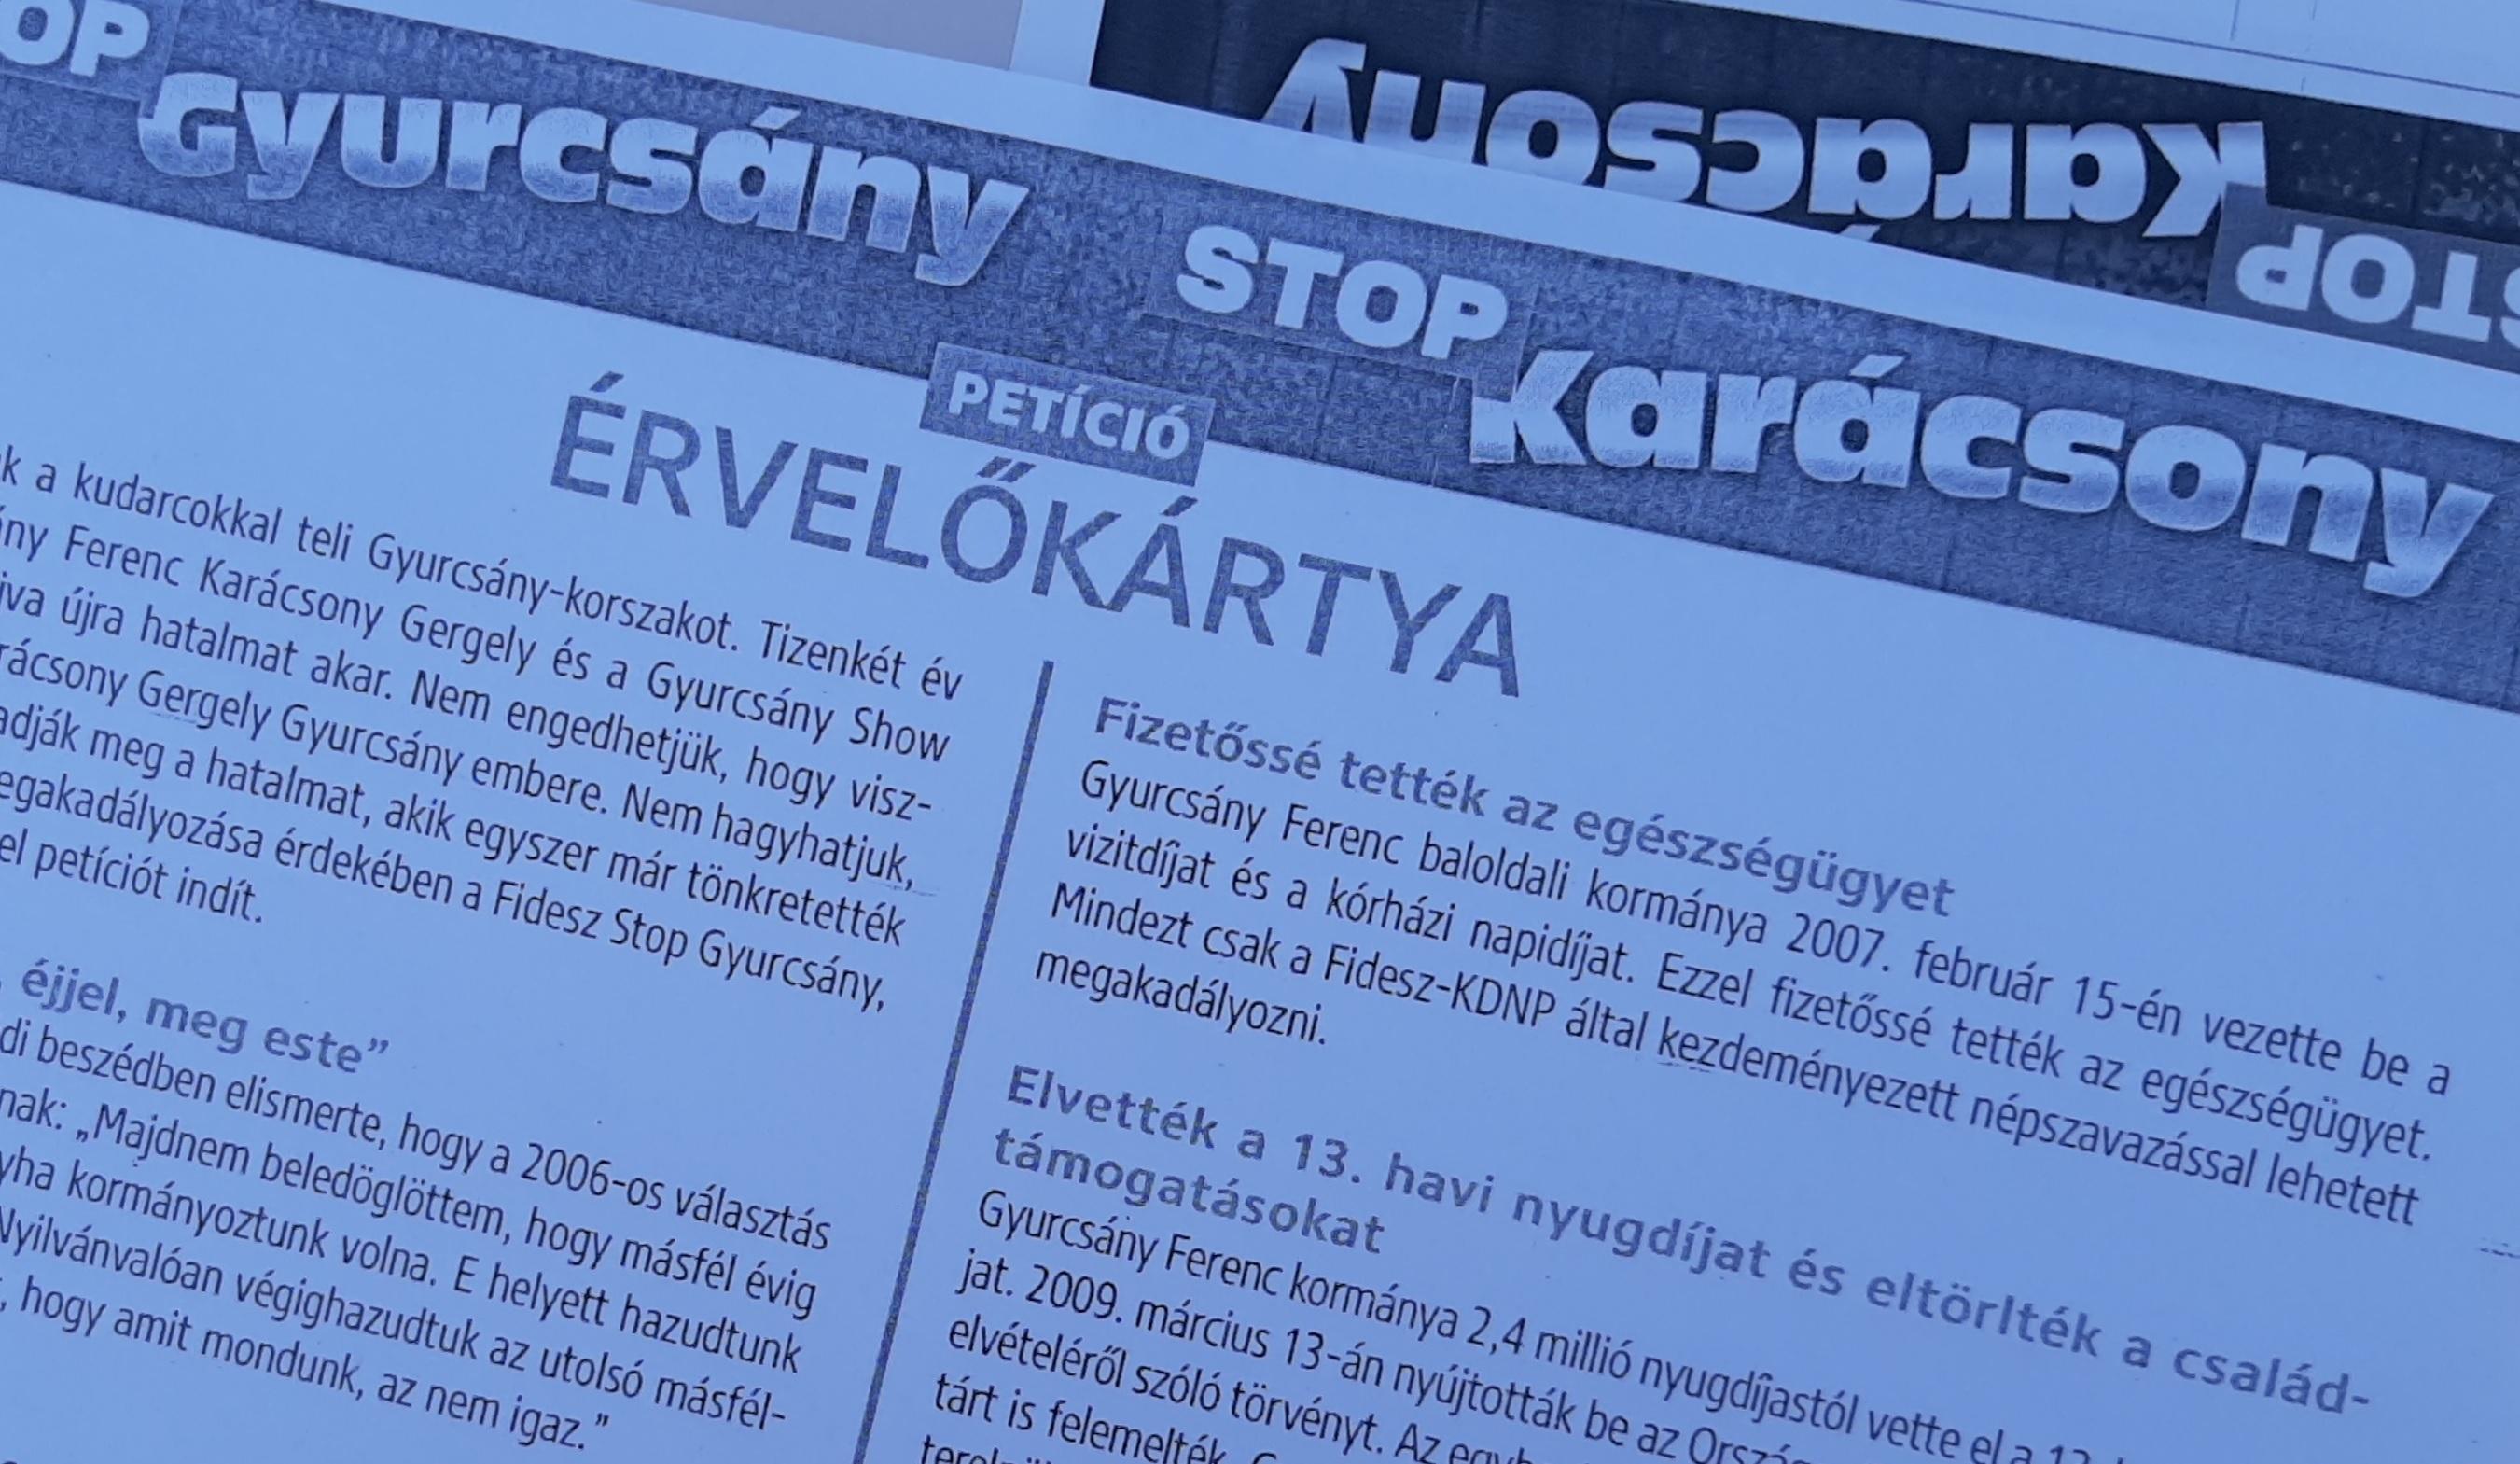 A fideszes aláírásgyűjtő érvelőkártyájáról sem derül ki, hogyan állítja meg a petíció az ellenzéket